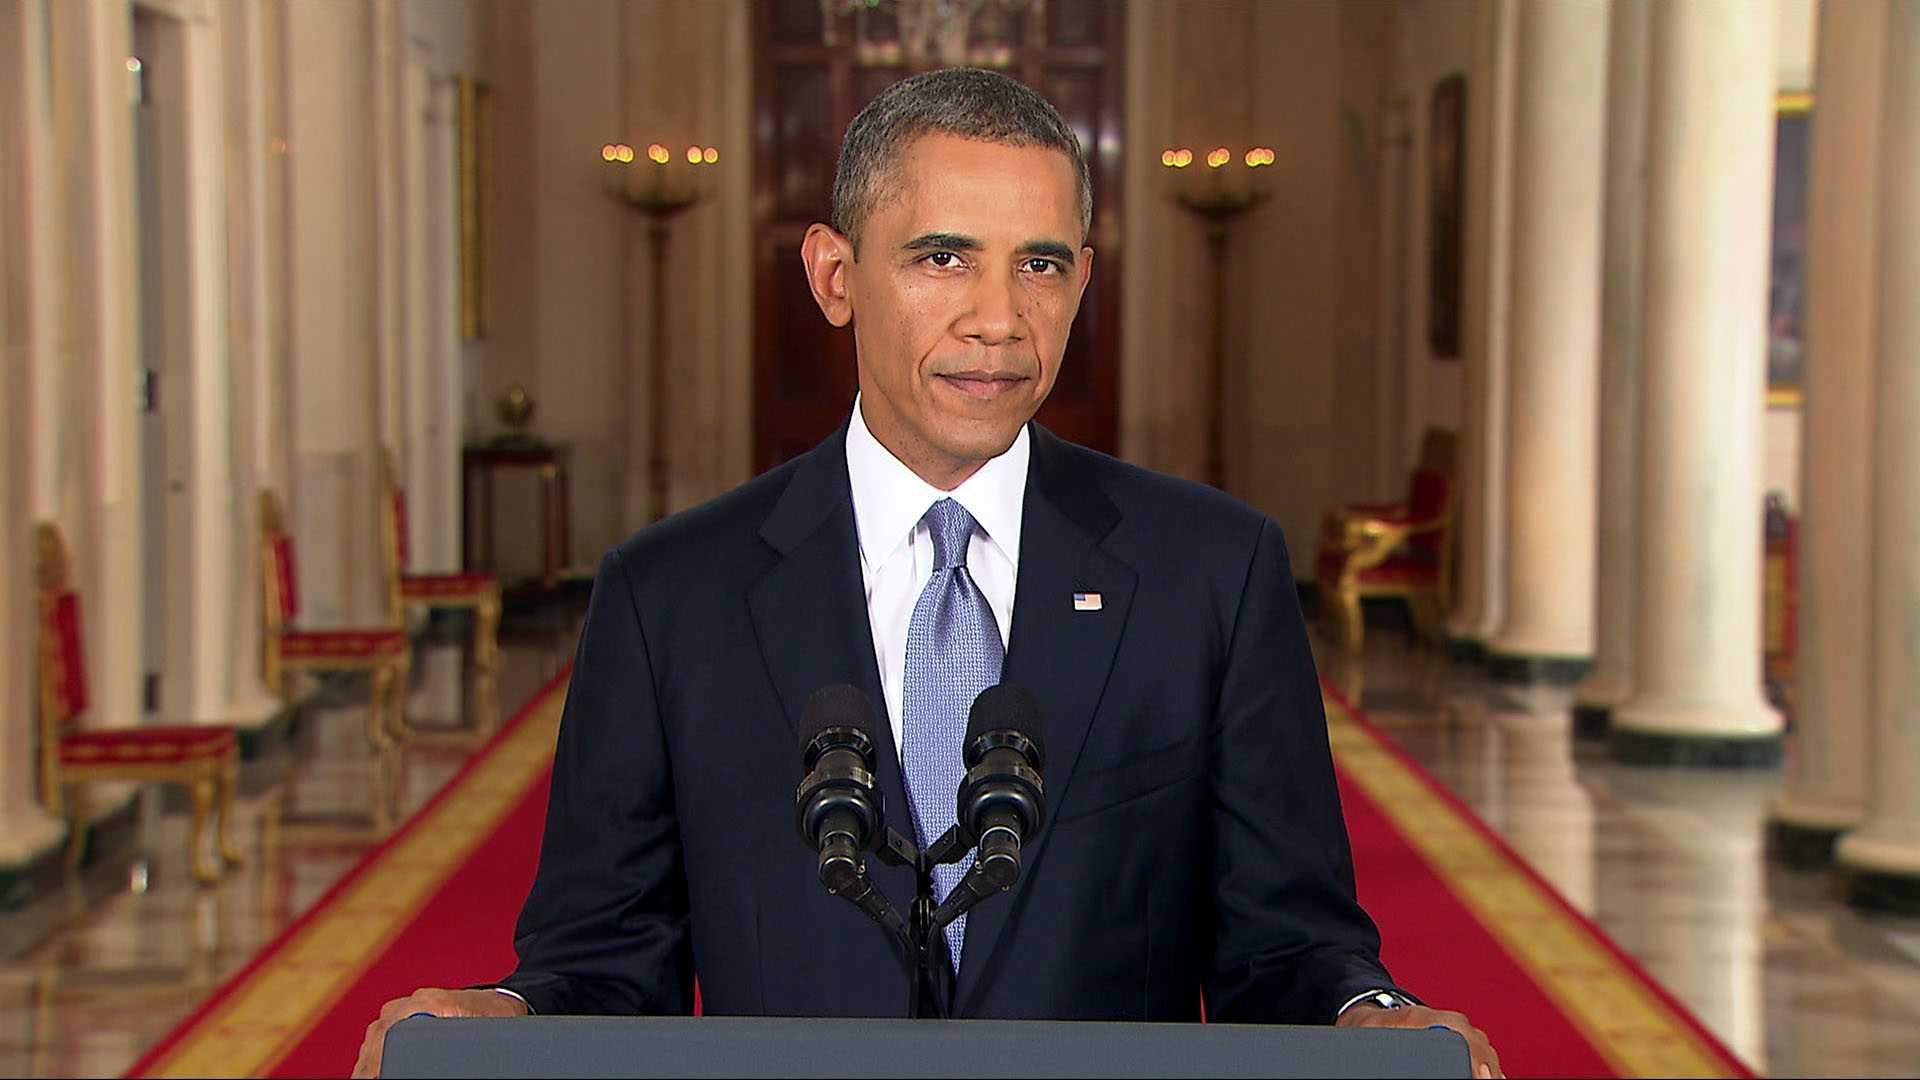 Apple Vs FBI President Obama